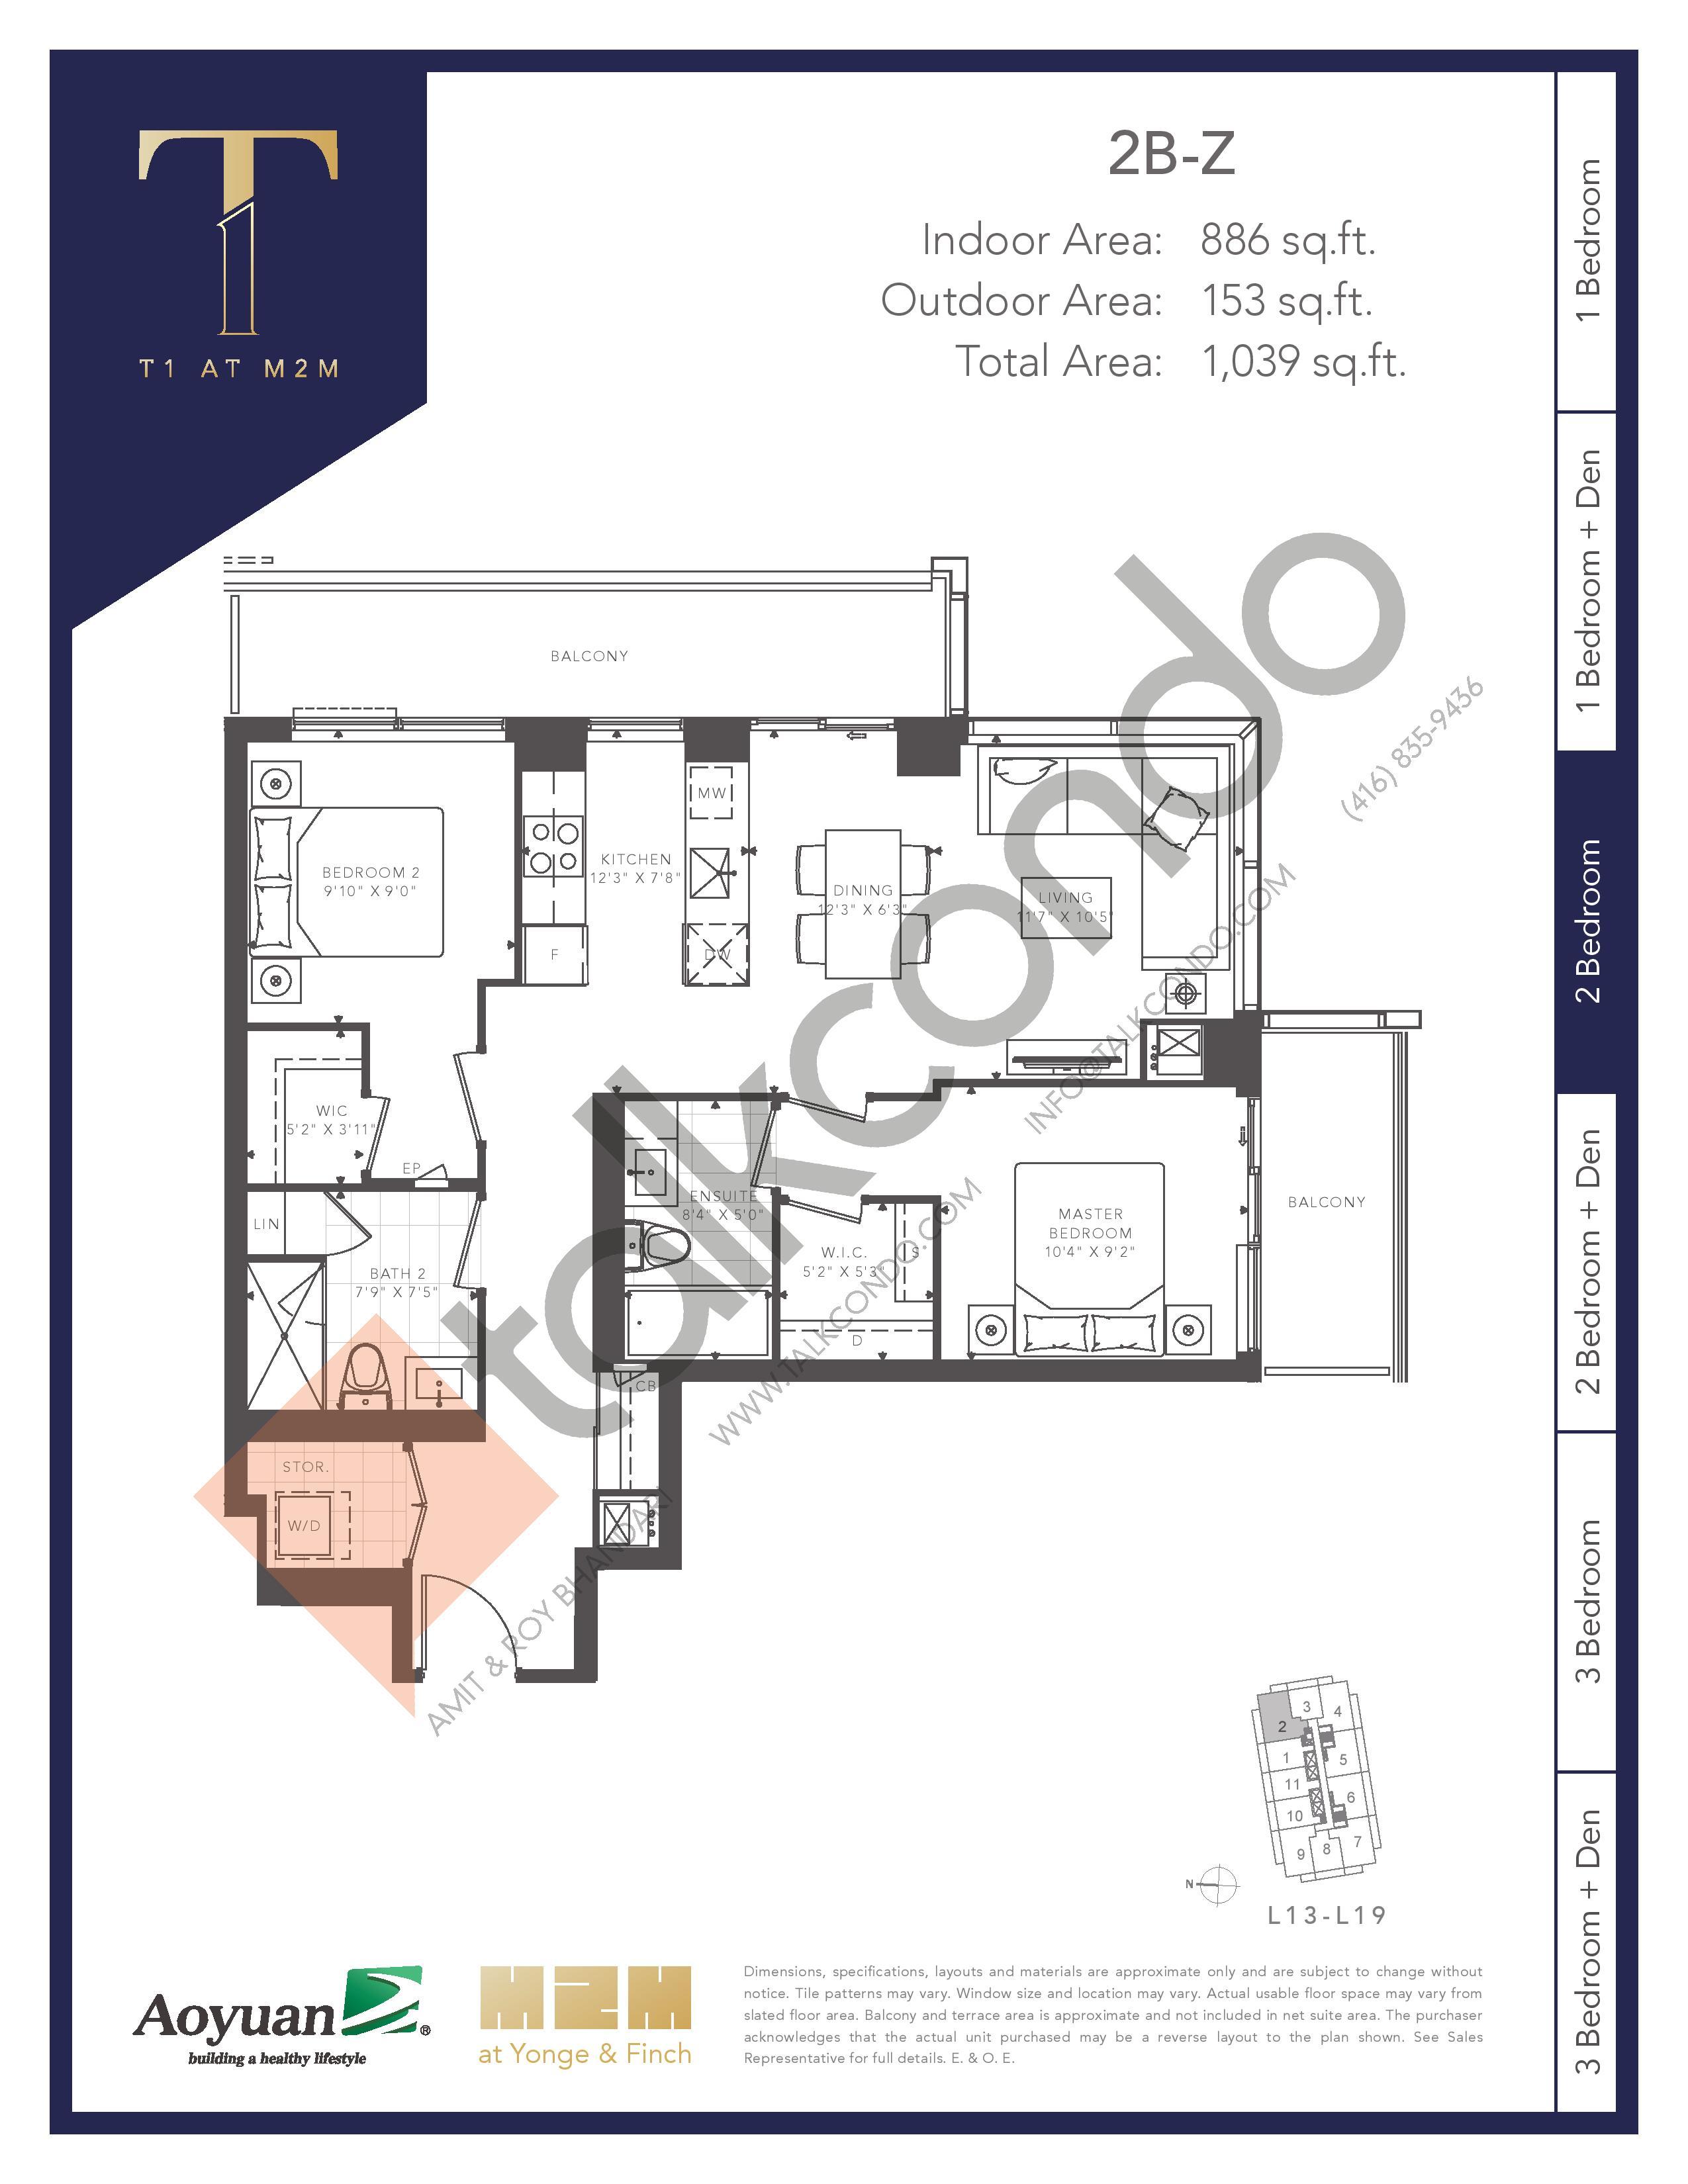 2B-Z (Tower) Floor Plan at T1 at M2M Condos - 886 sq.ft